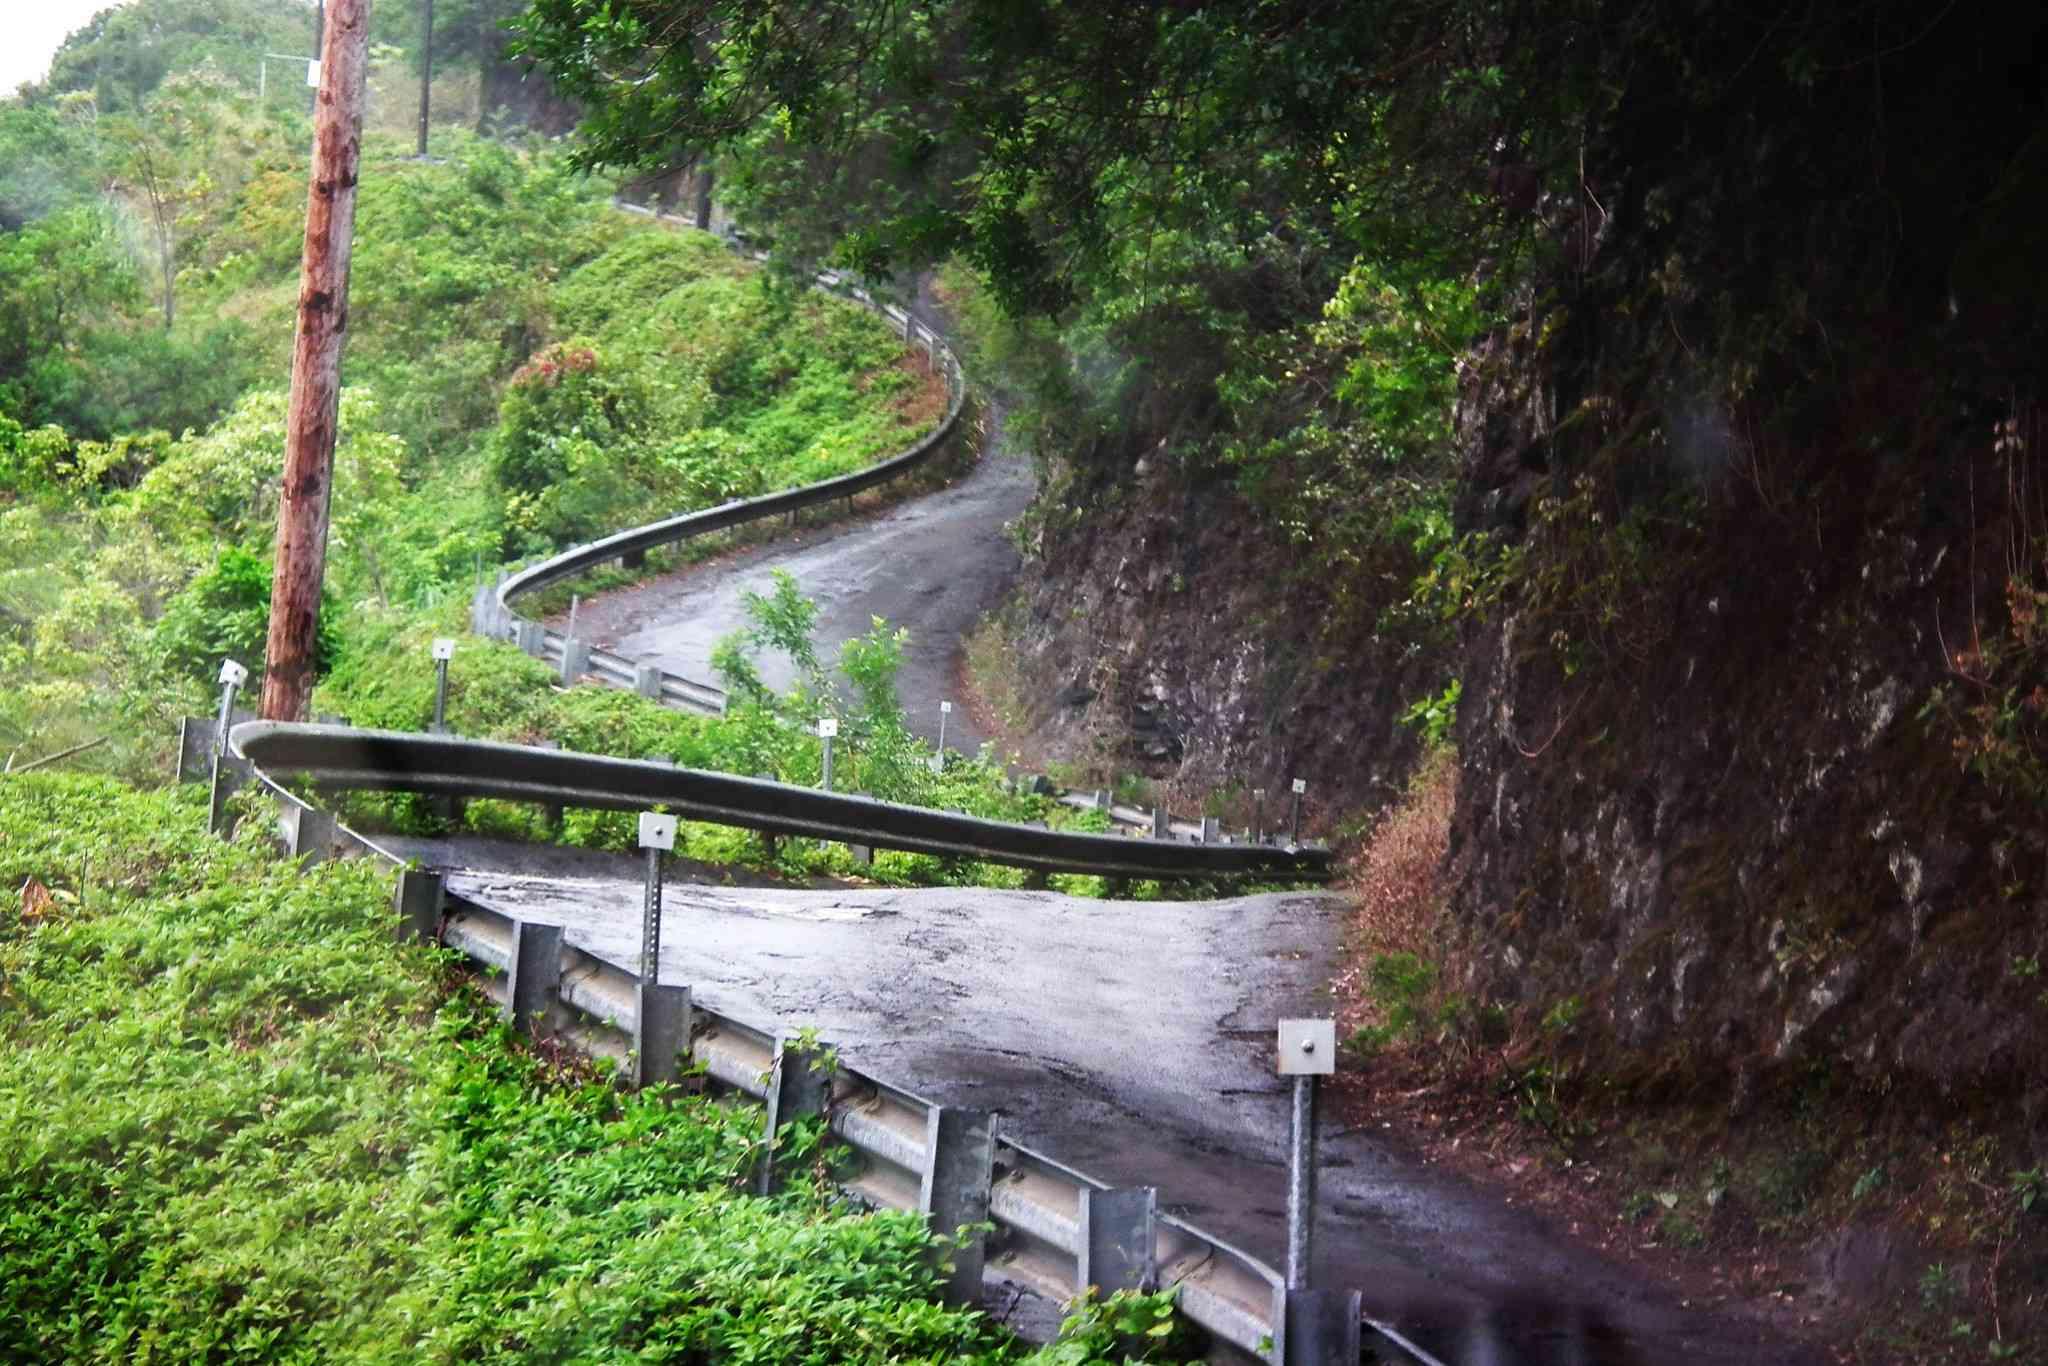 Waipio Valley Road in Honokaa, Hawaii